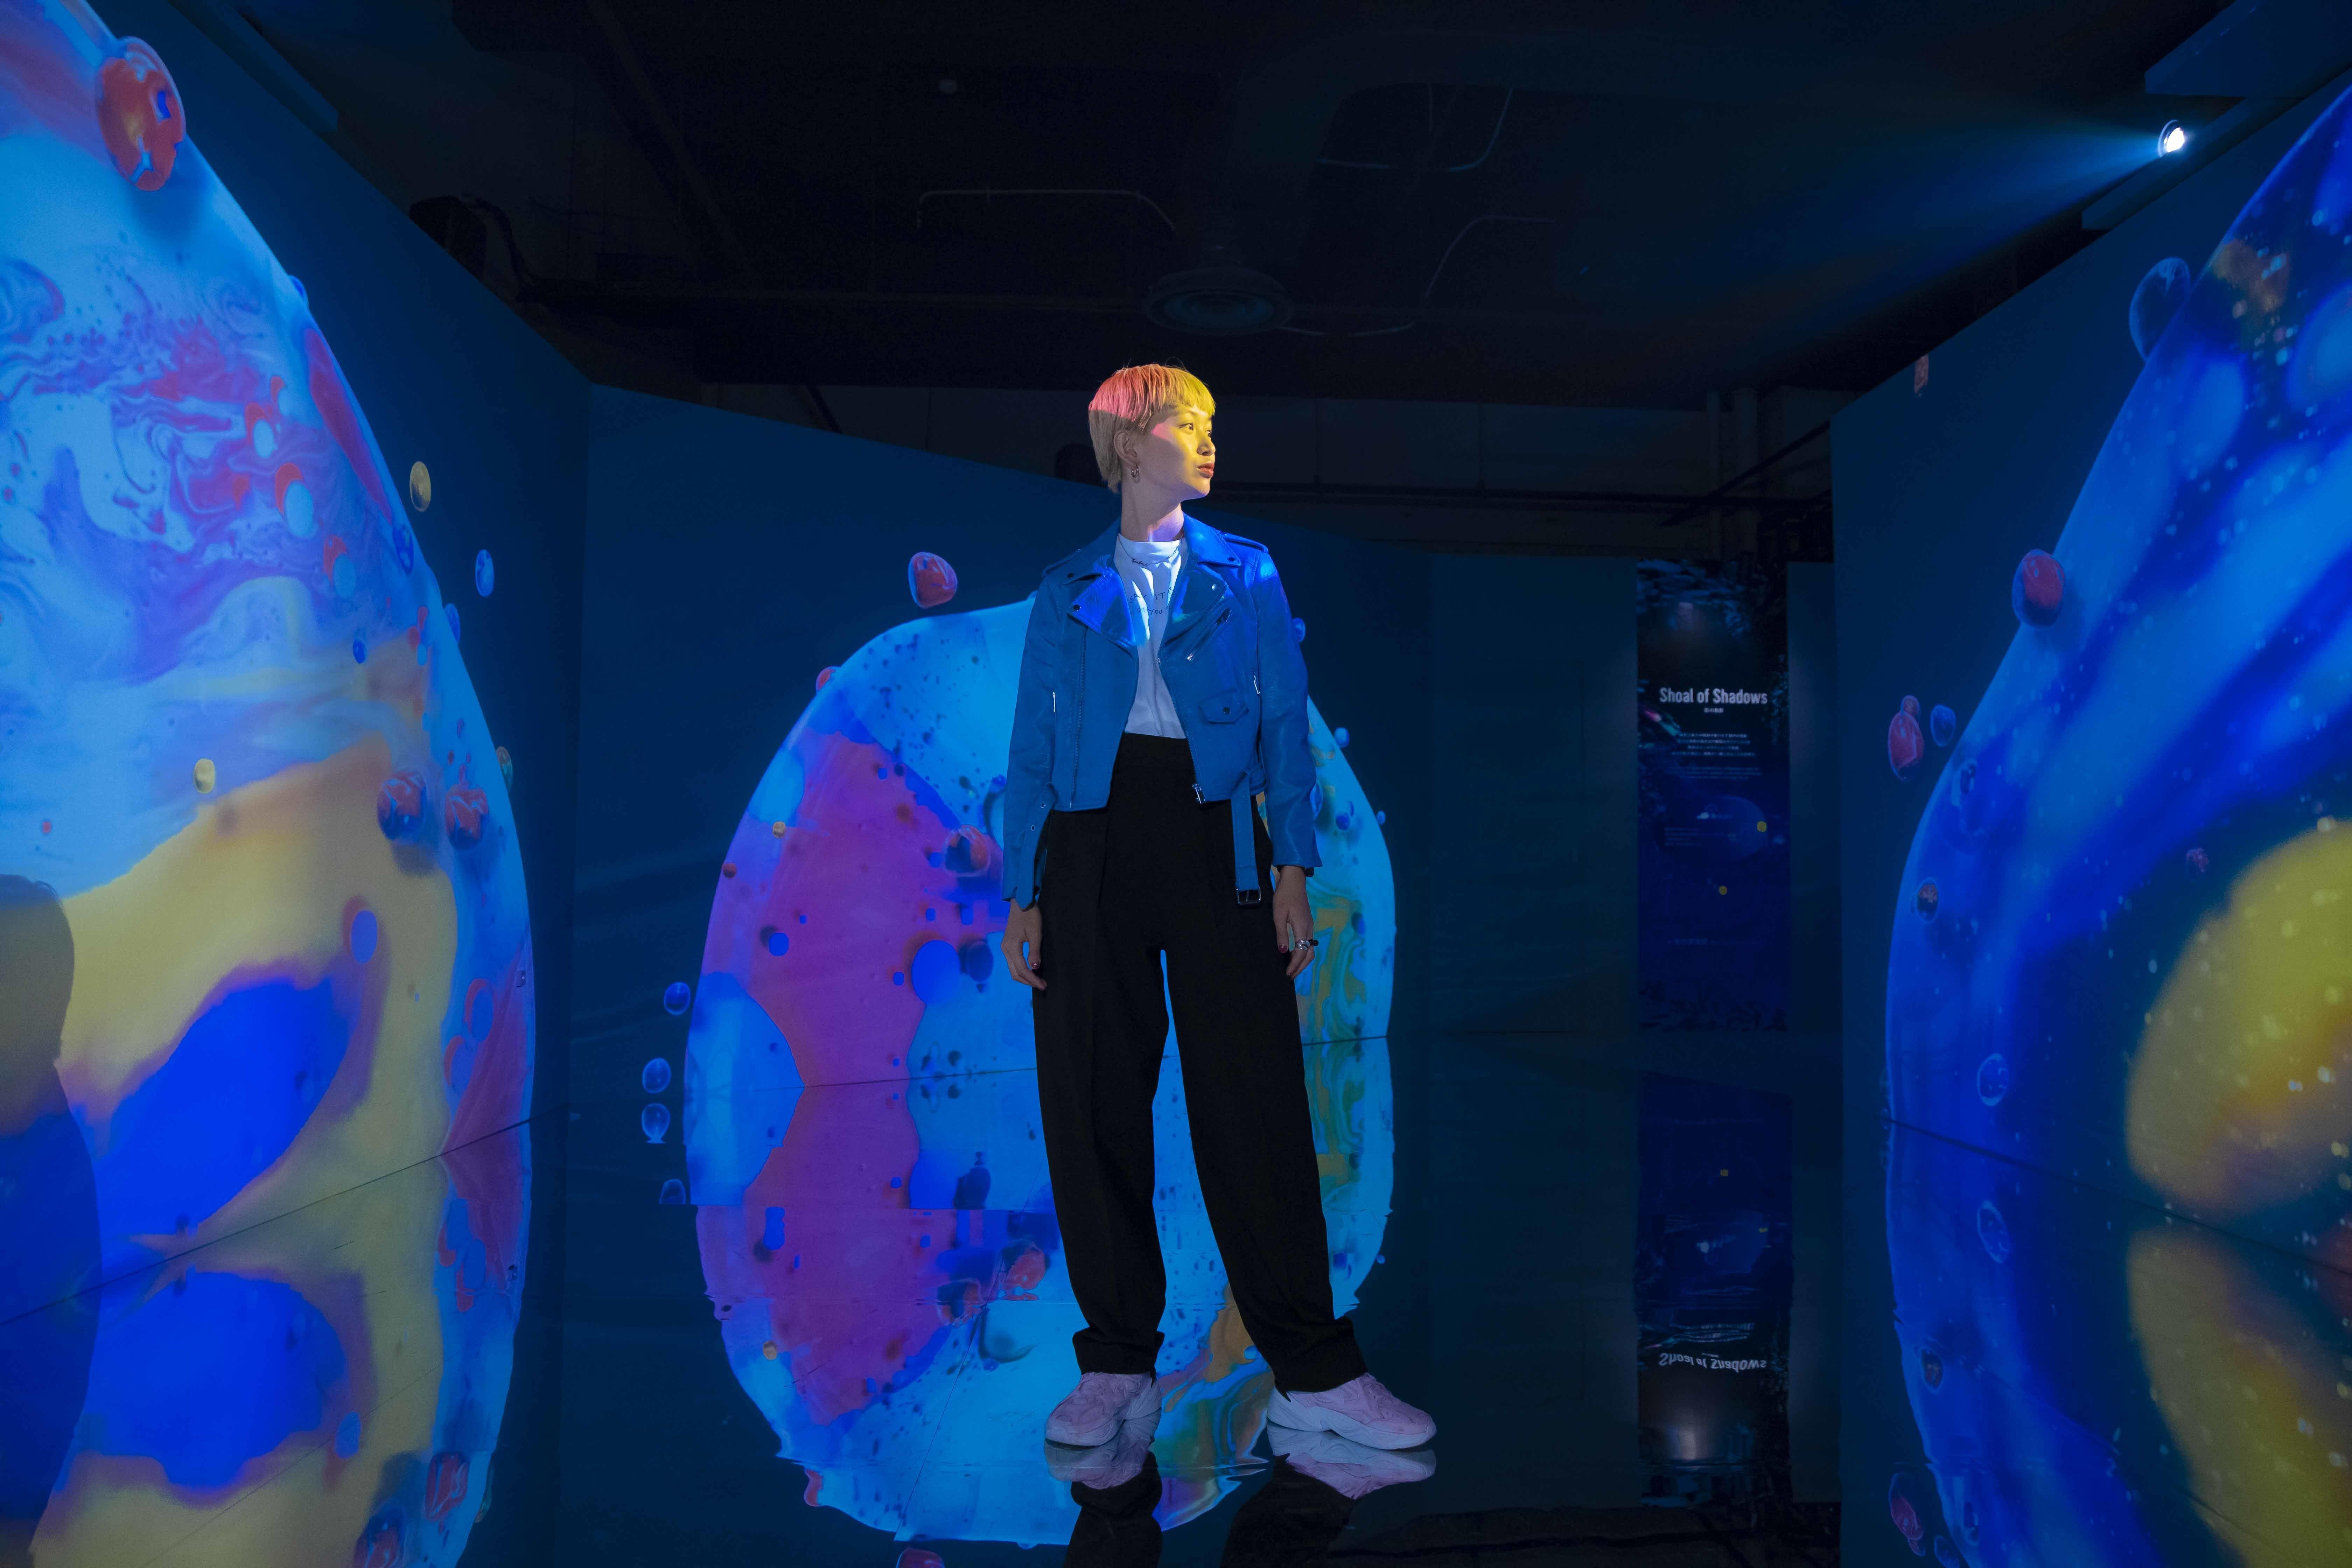 絵の具を混ぜ合わせたようなデジタルアートが床に反射して、幻想的な空間に。